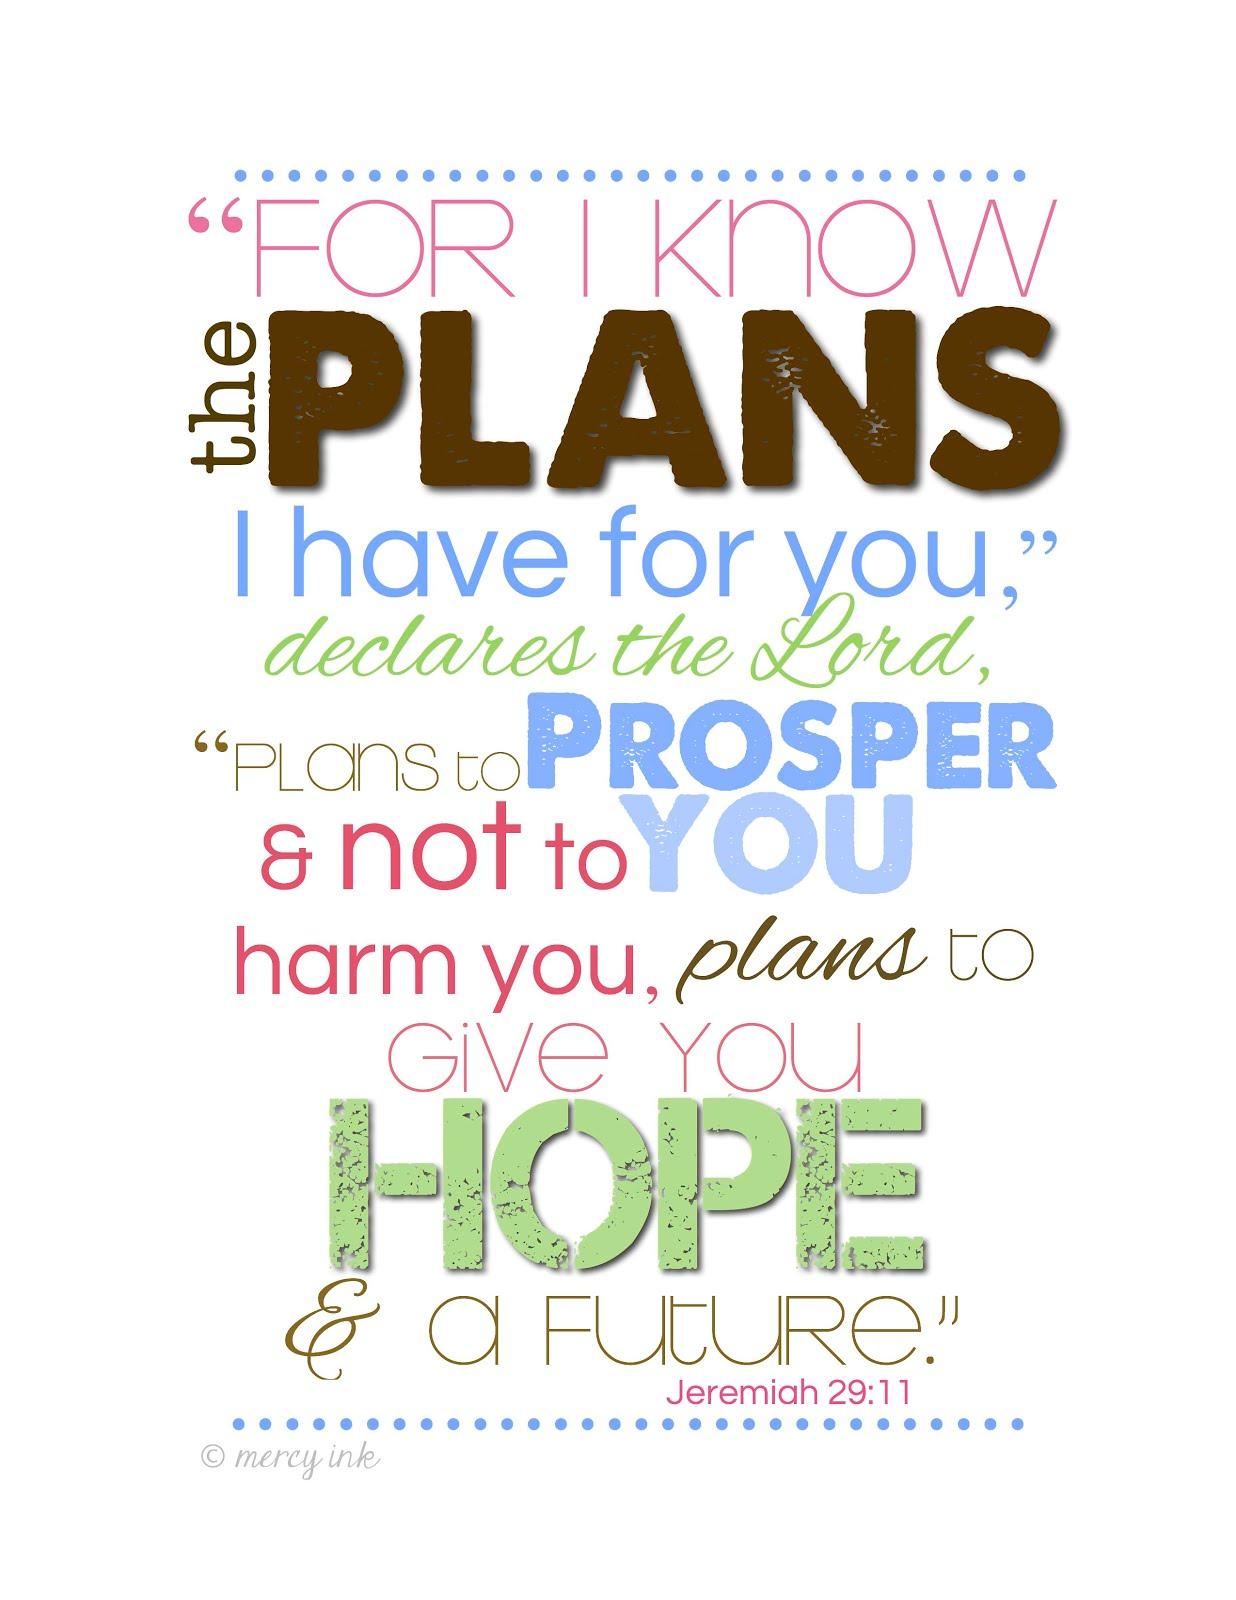 {jeremiah 29:11}